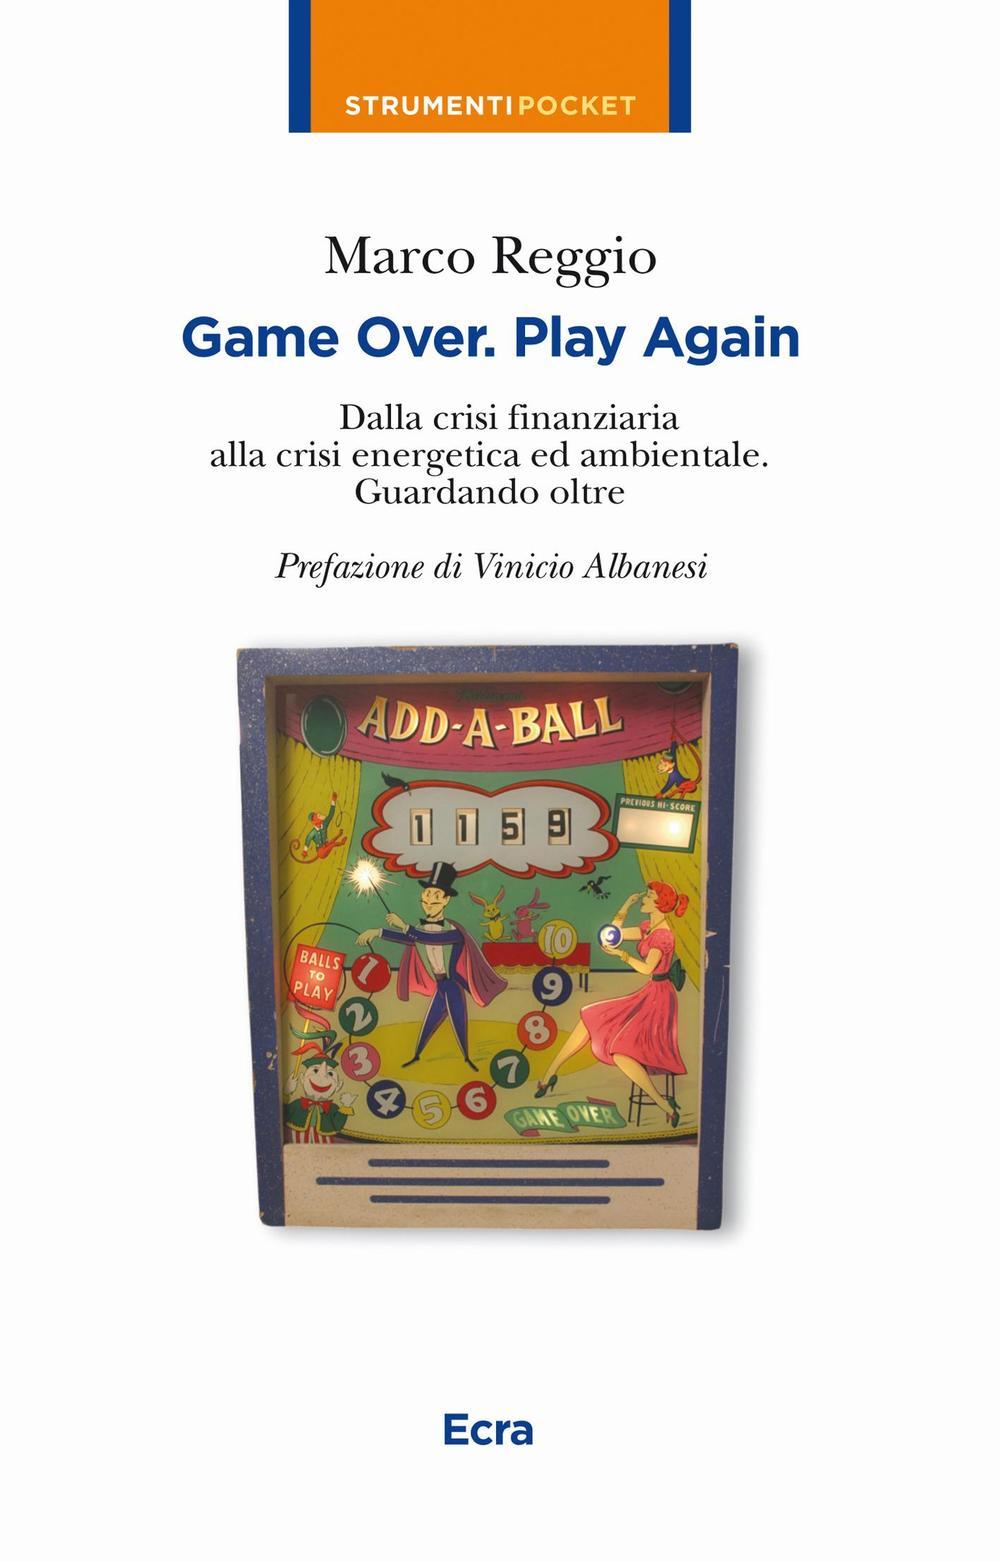 Image of Game over. Play again. Dalla crisi finanziaria alla crisi energetica ed ambientale. Guardando oltre